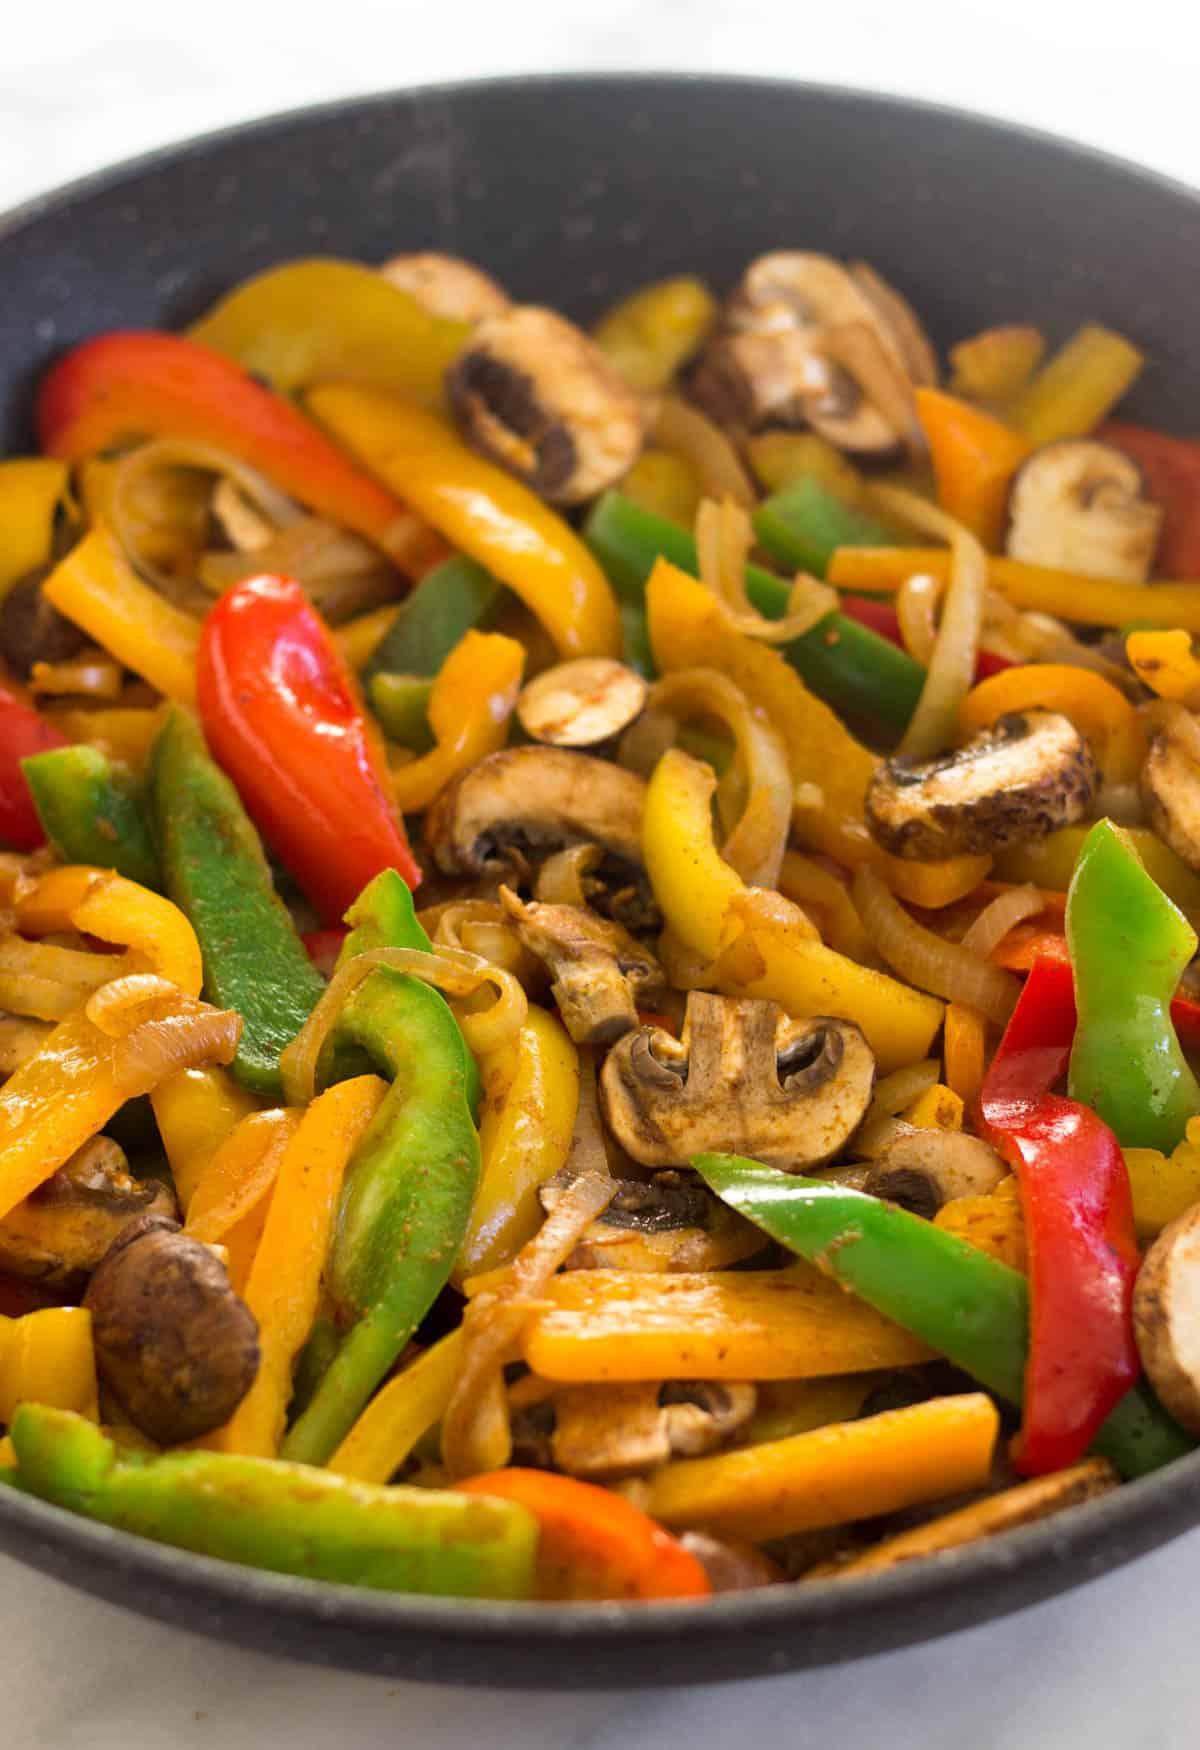 pan of fajita veggies